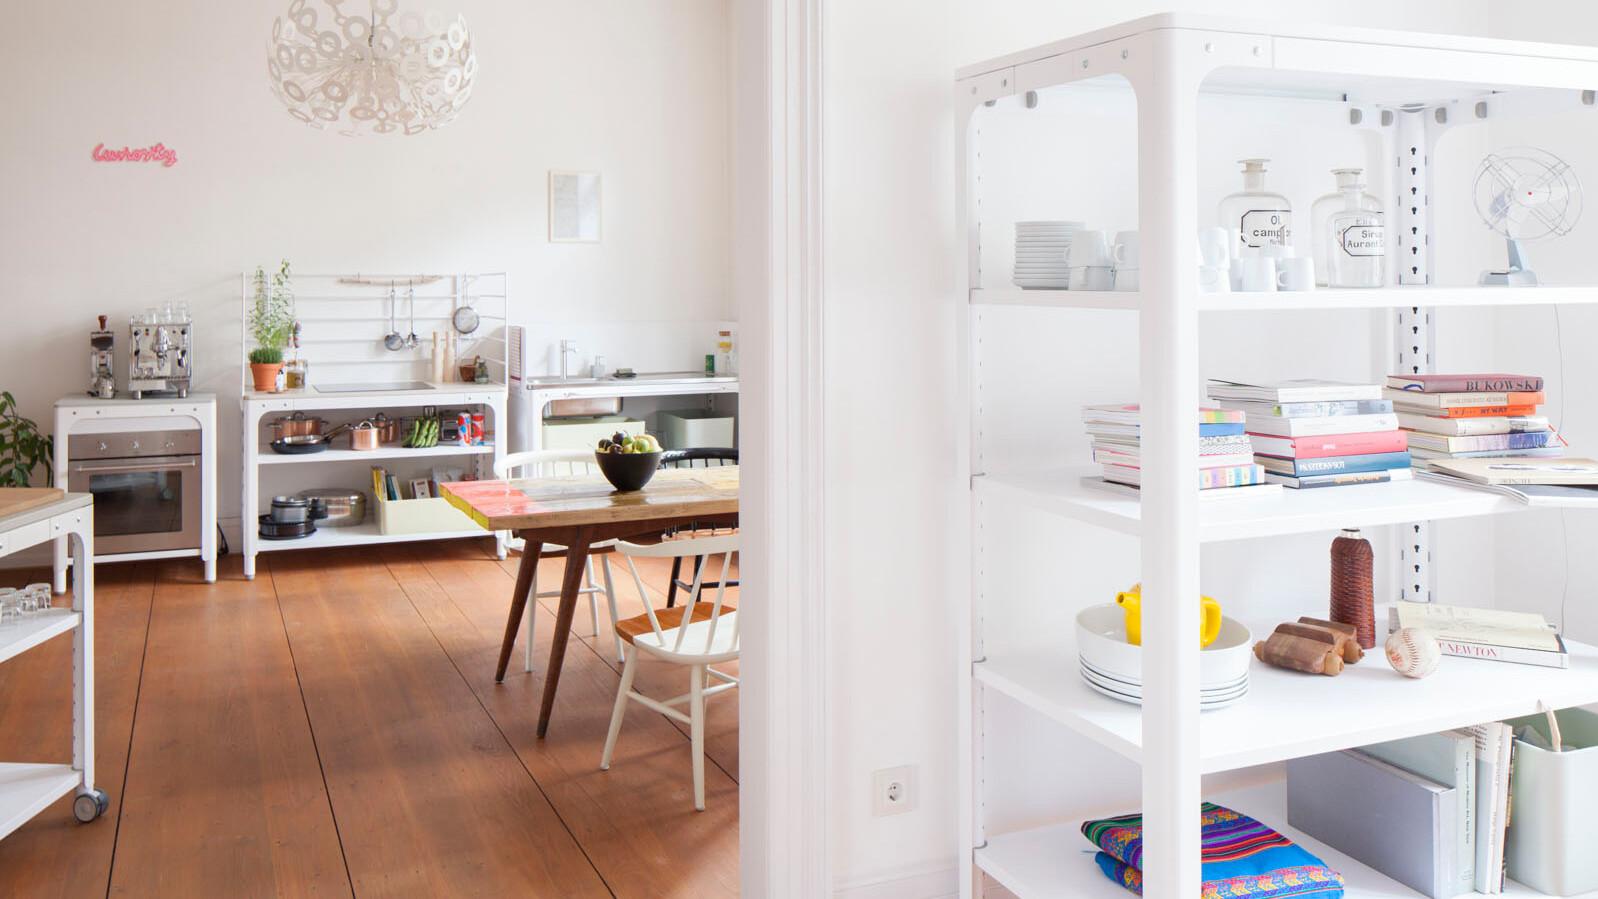 Modulküche: kompakt, flexibel und individuell